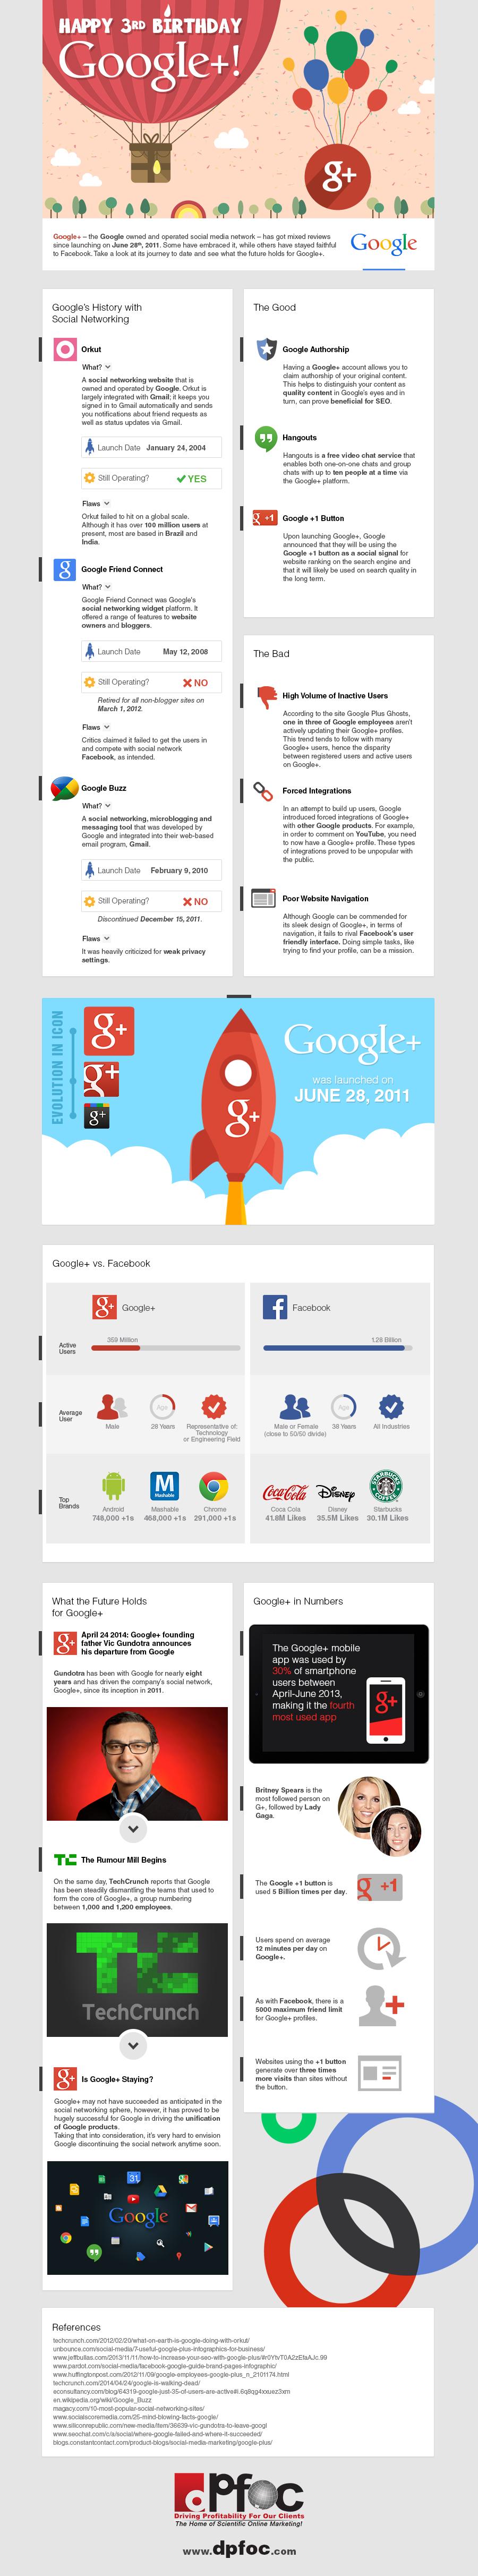 DPFOC IG Google Plus